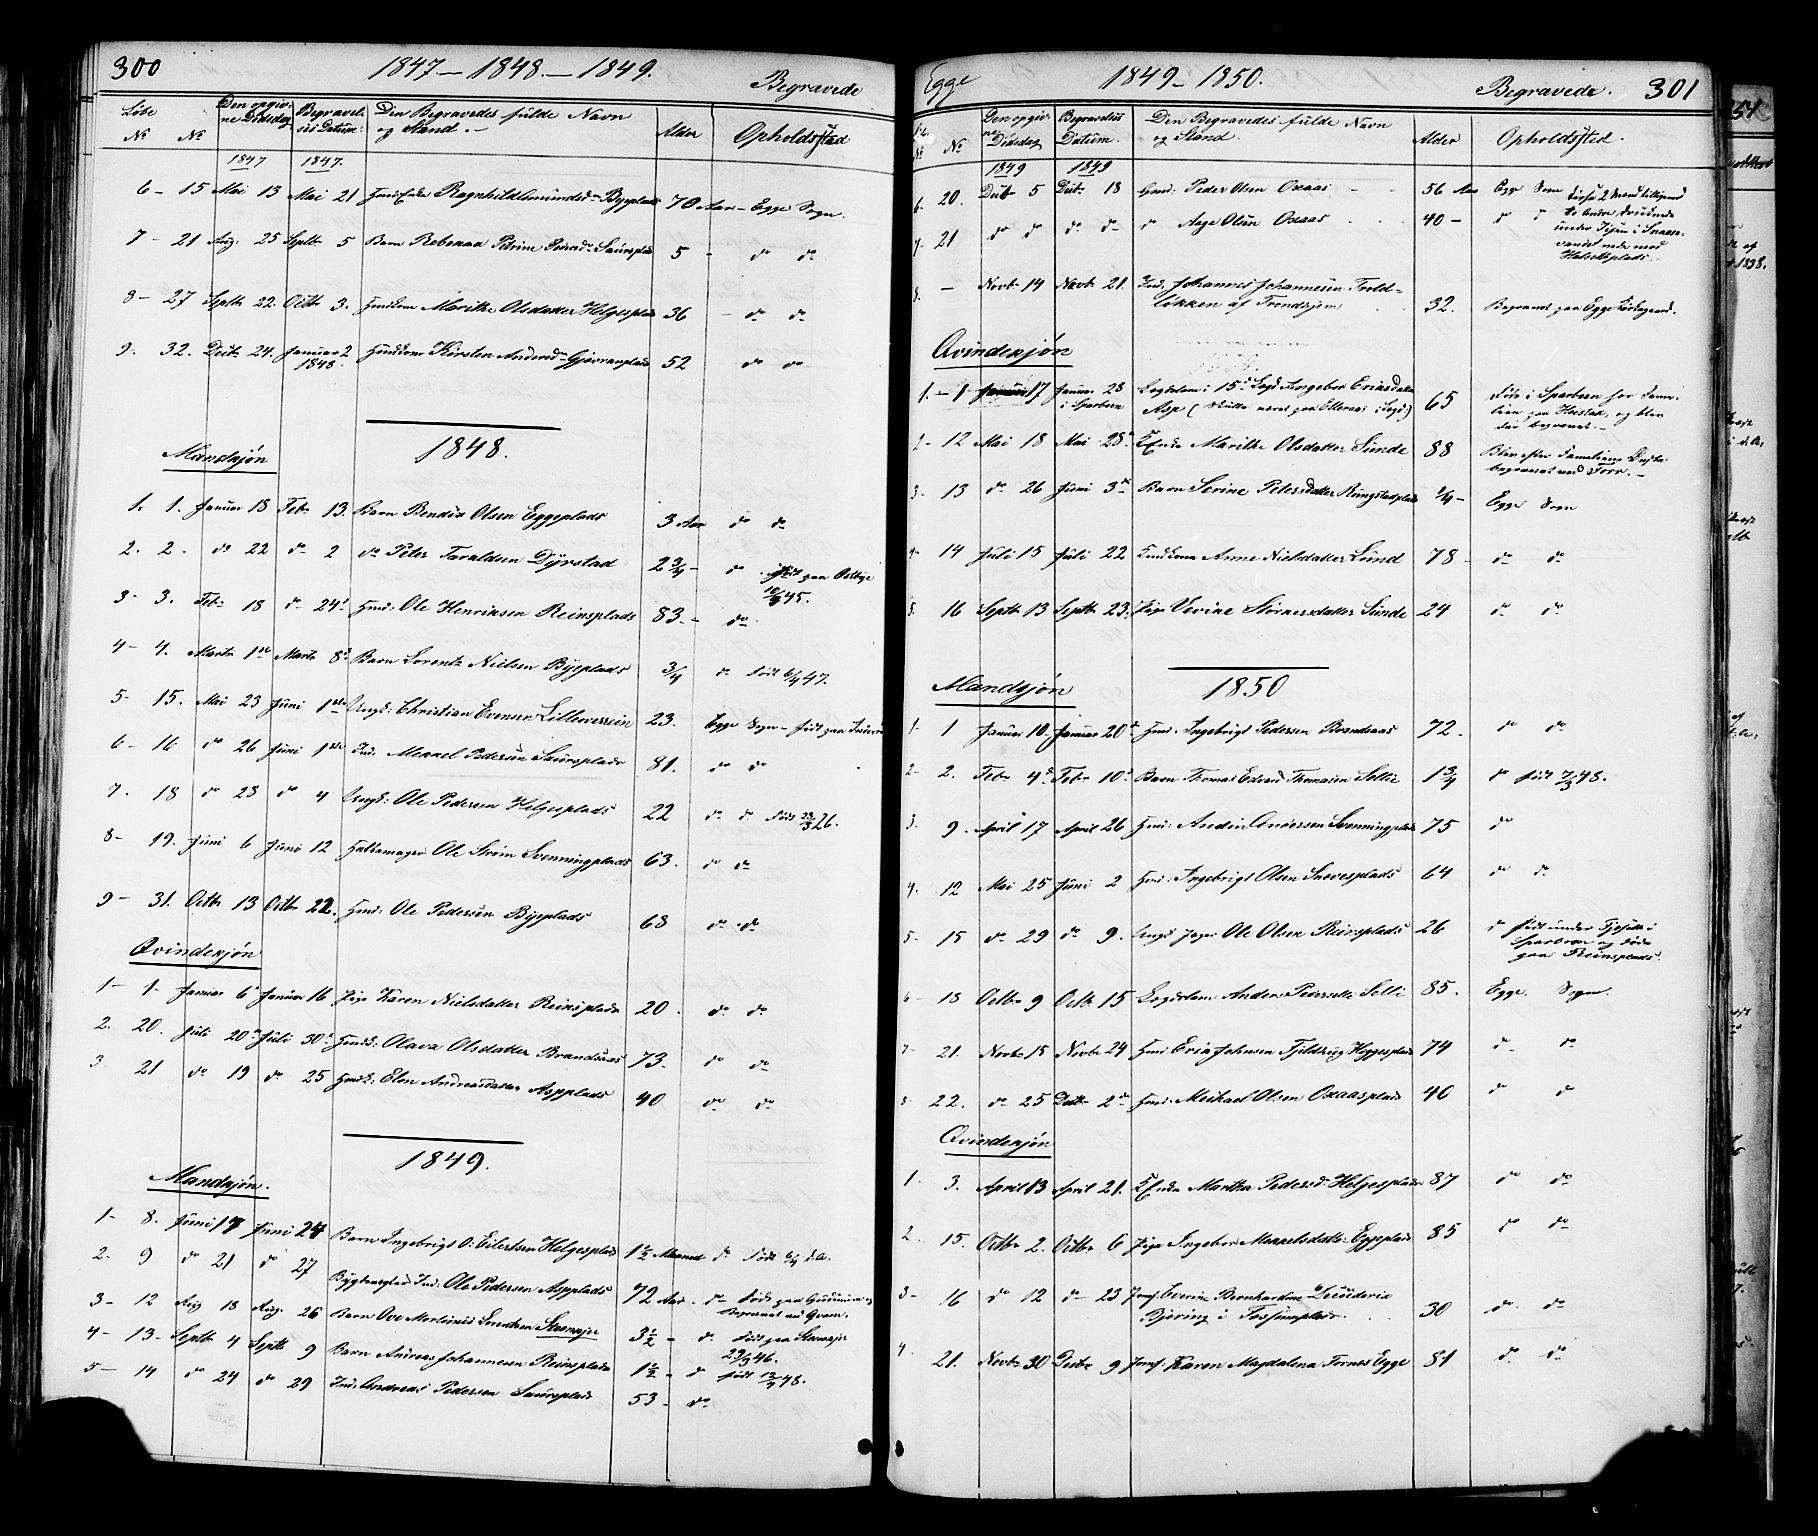 SAT, Ministerialprotokoller, klokkerbøker og fødselsregistre - Nord-Trøndelag, 739/L0367: Ministerialbok nr. 739A01 /3, 1838-1868, s. 300-301